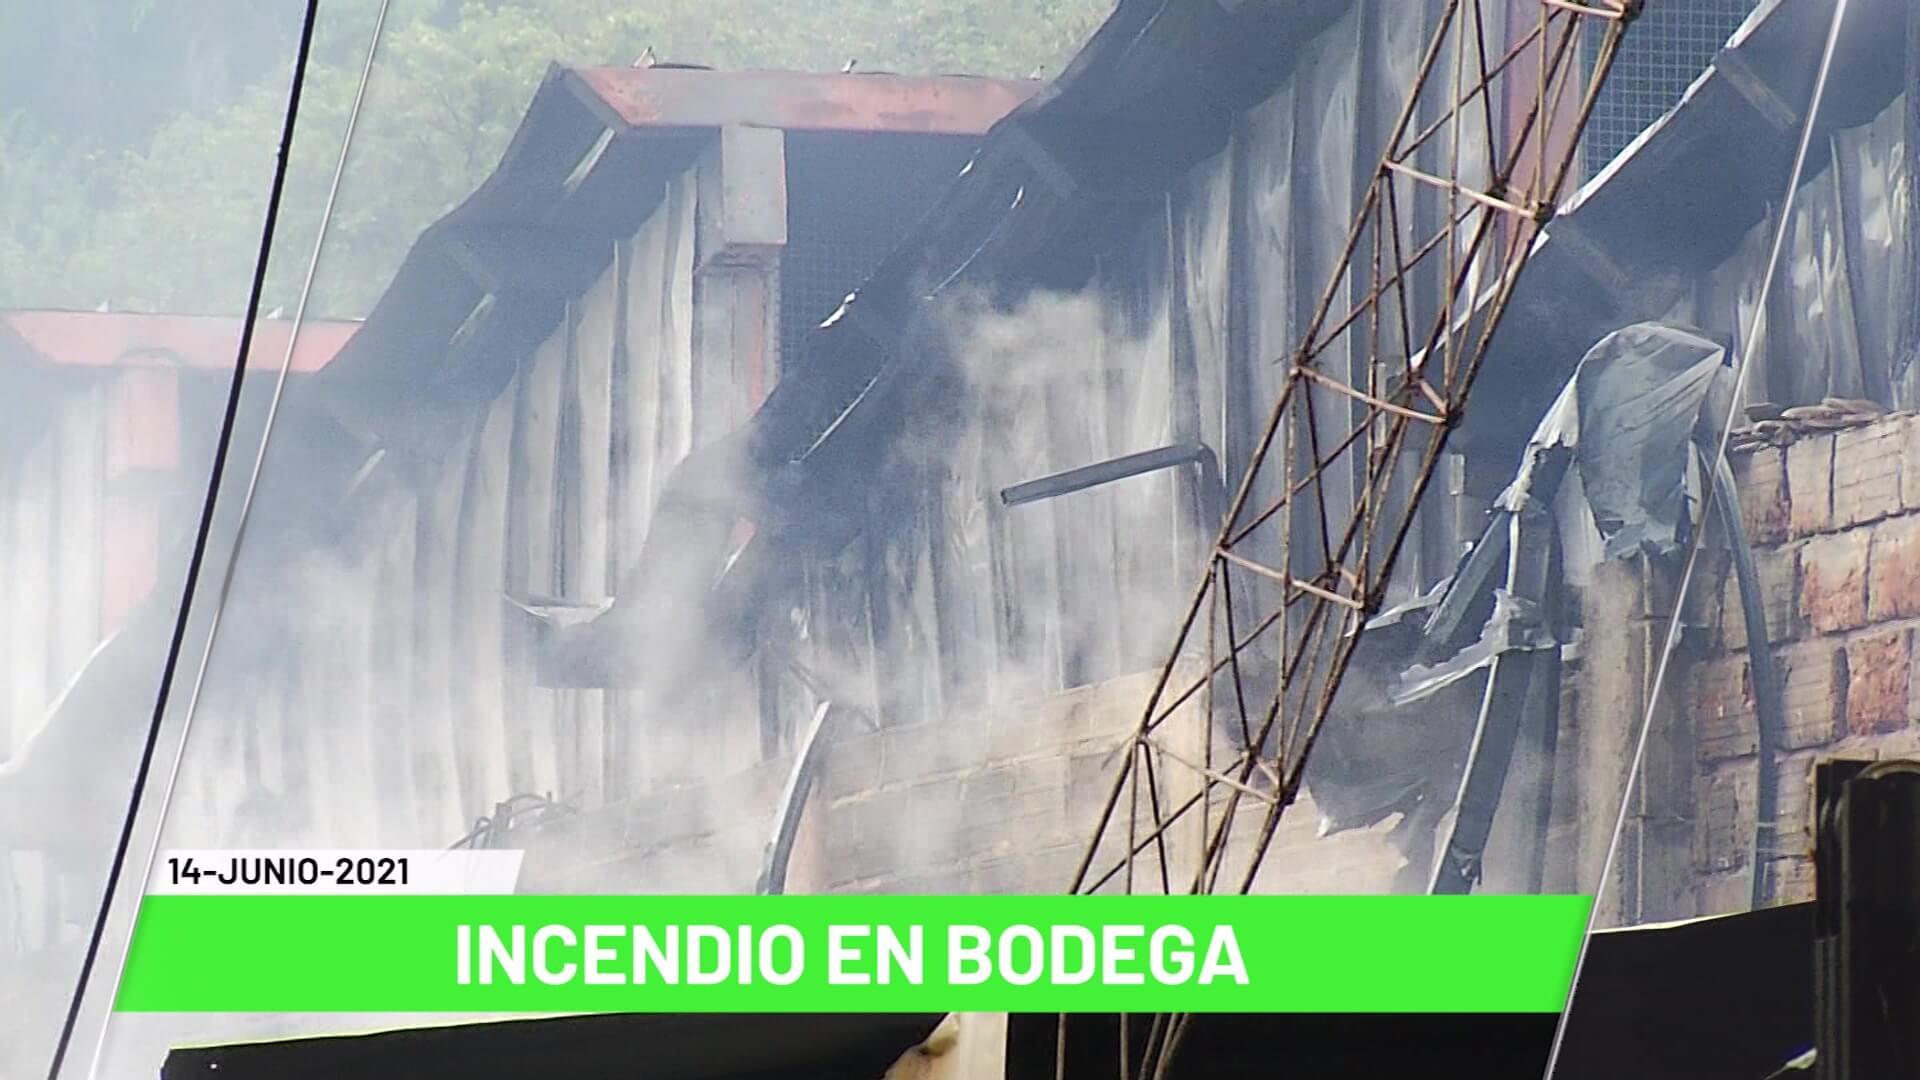 Titulares de Teleantioquia Noticias - Lunes 14 de junio de 2021 noche